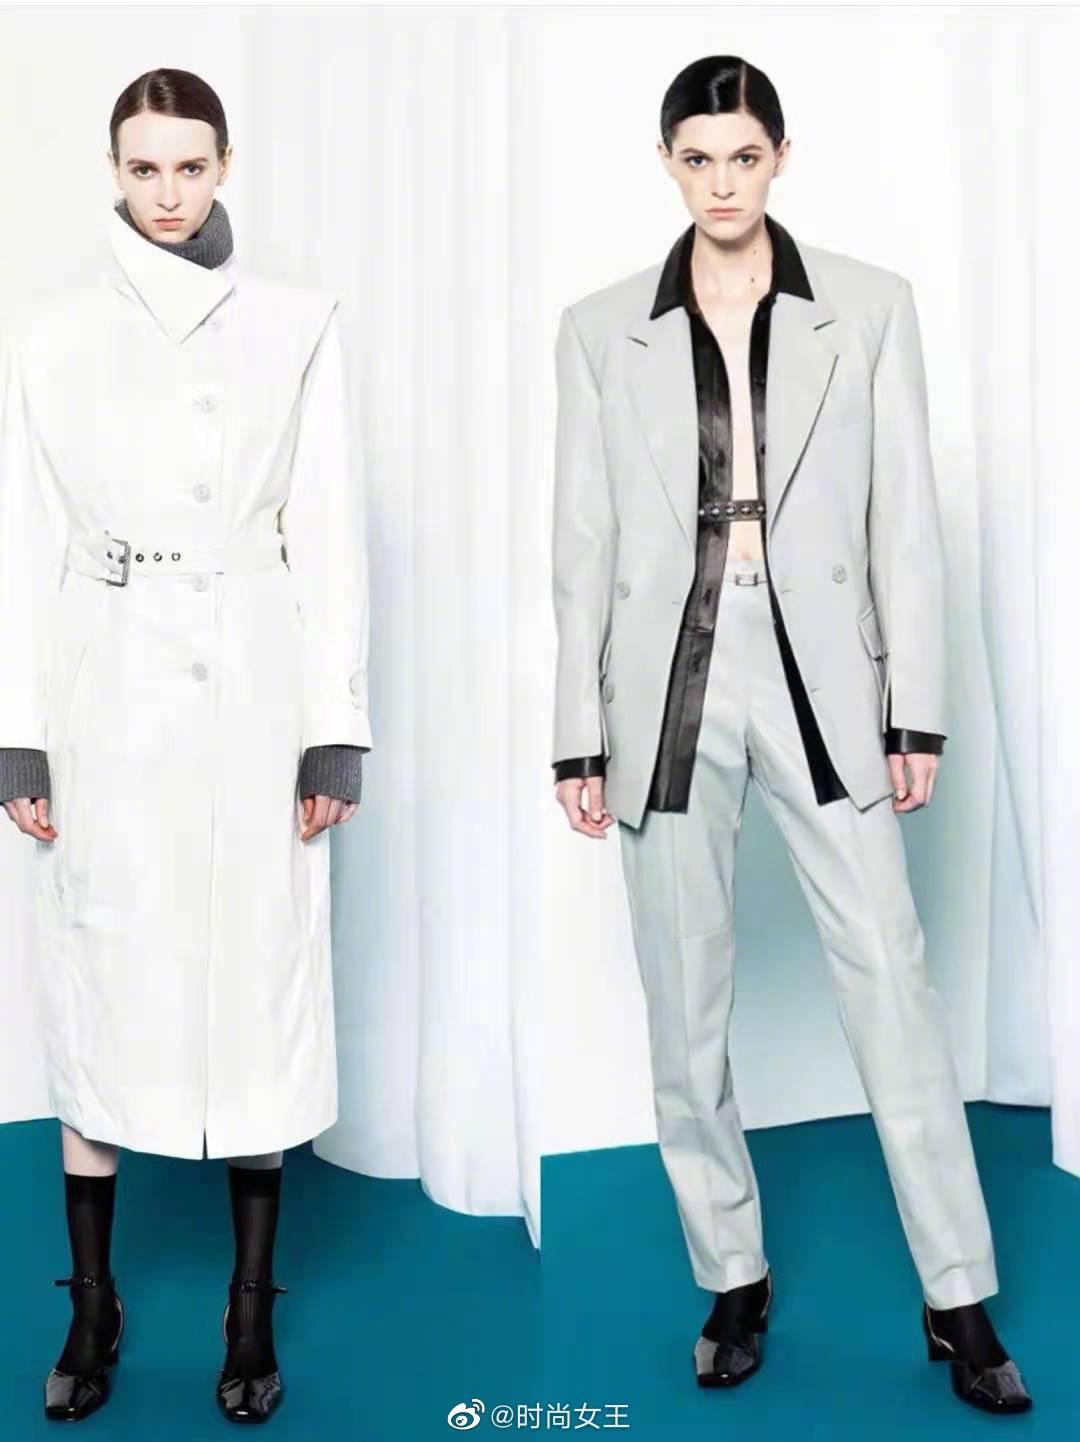 DROME品牌视皮革为核心设计元素,而不仅仅拘泥于皮夹克路线……